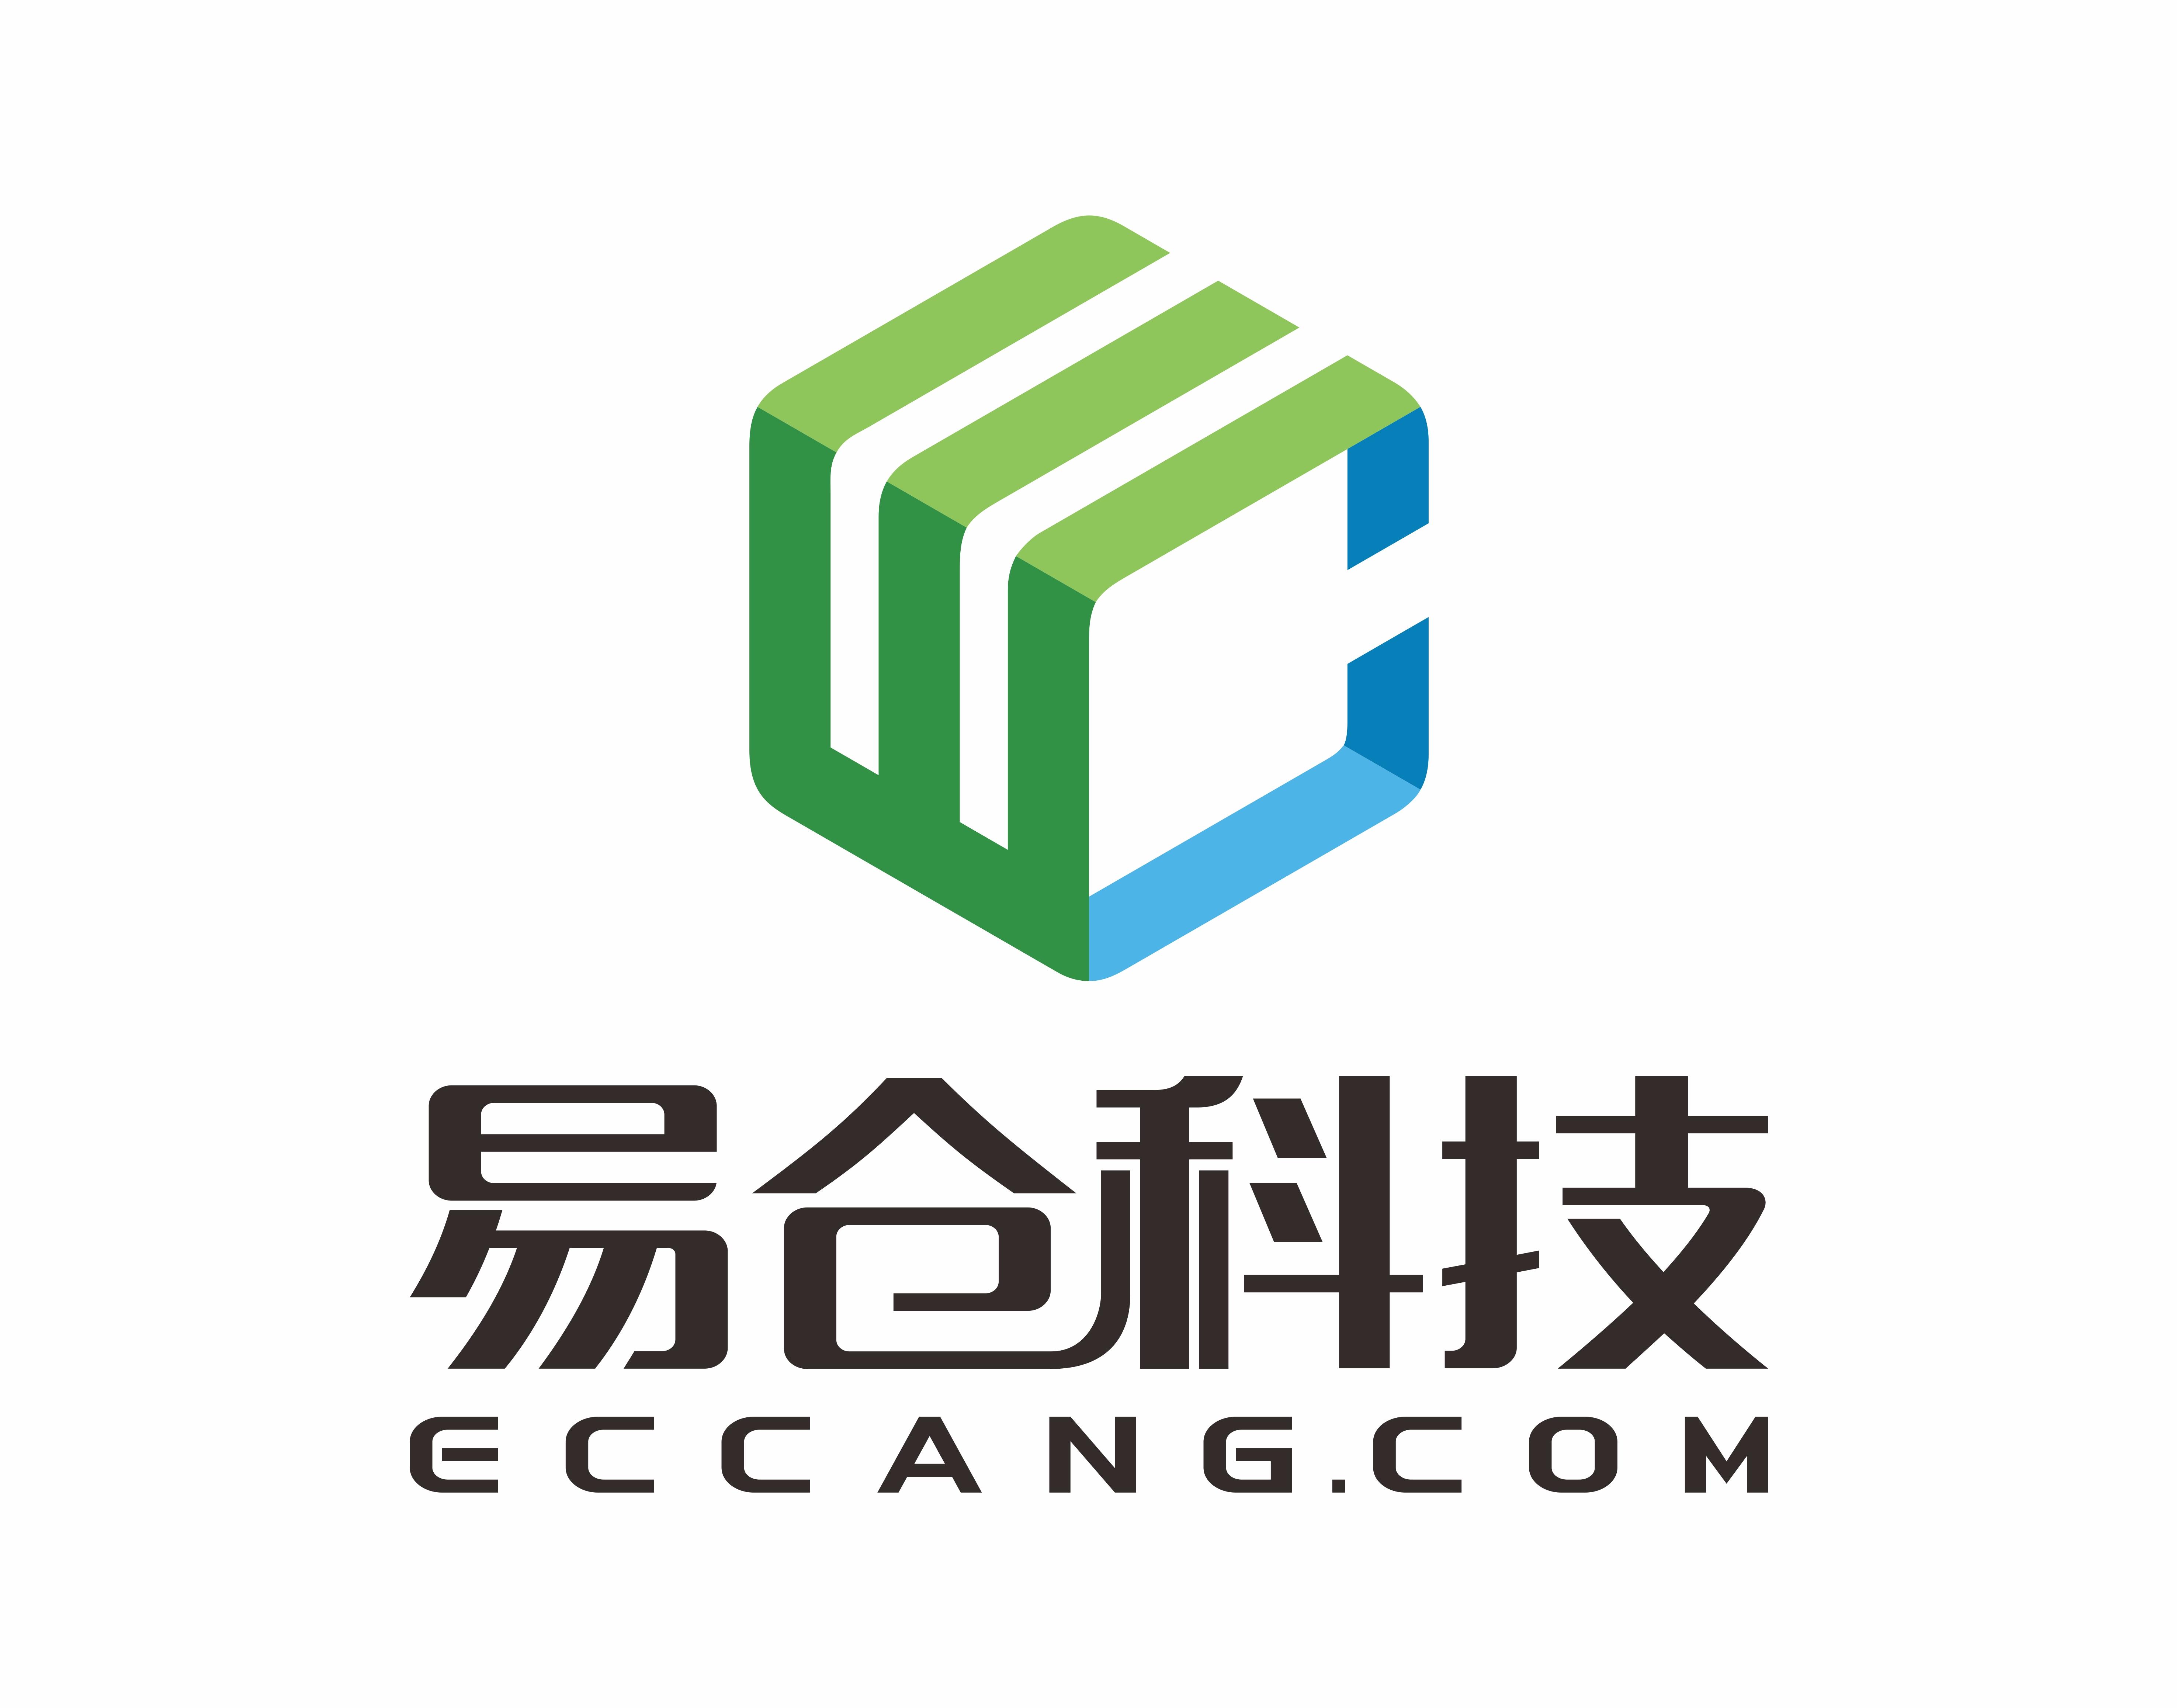 外贸erp软件 跨境电商ERP